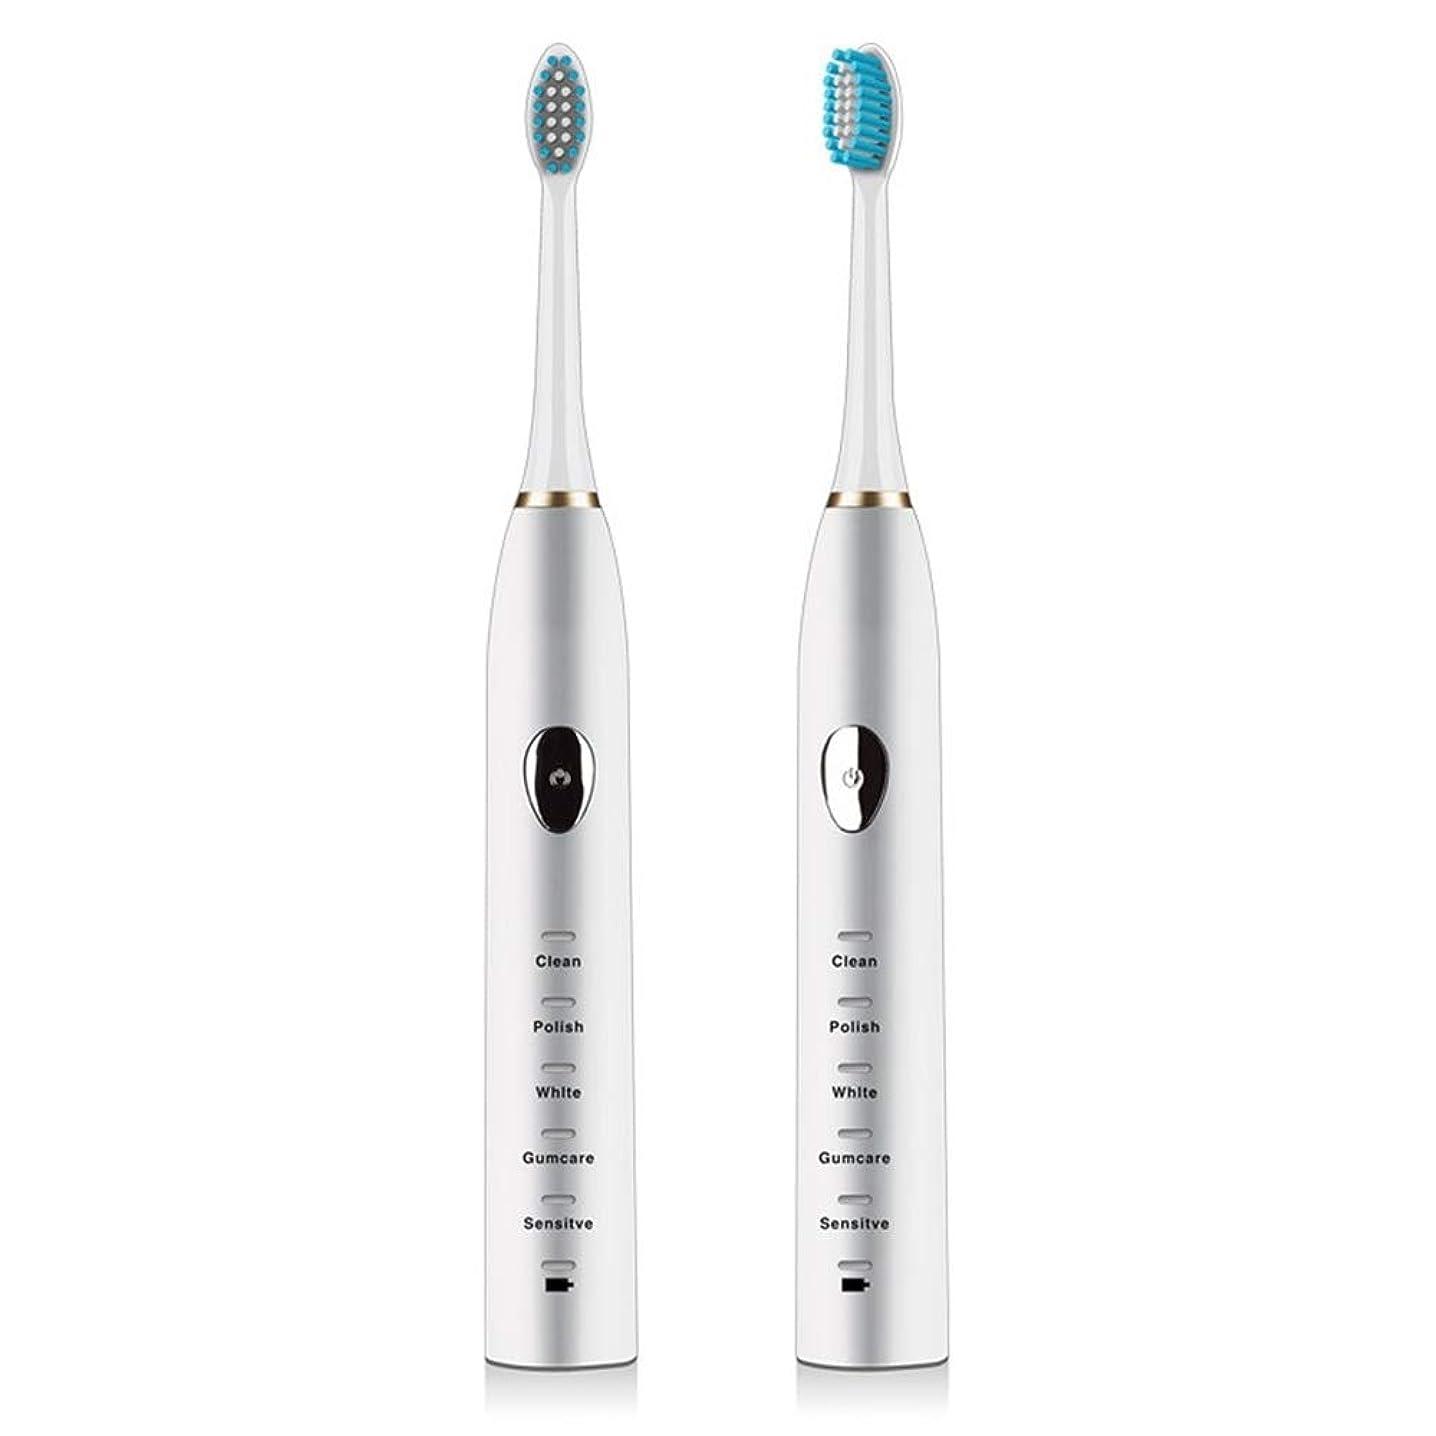 LKJASDHL 防水電動歯ブラシ磁気サスペンション5速超音波歯ブラシ柔らかい髪USB充電式大人 (色 : White)